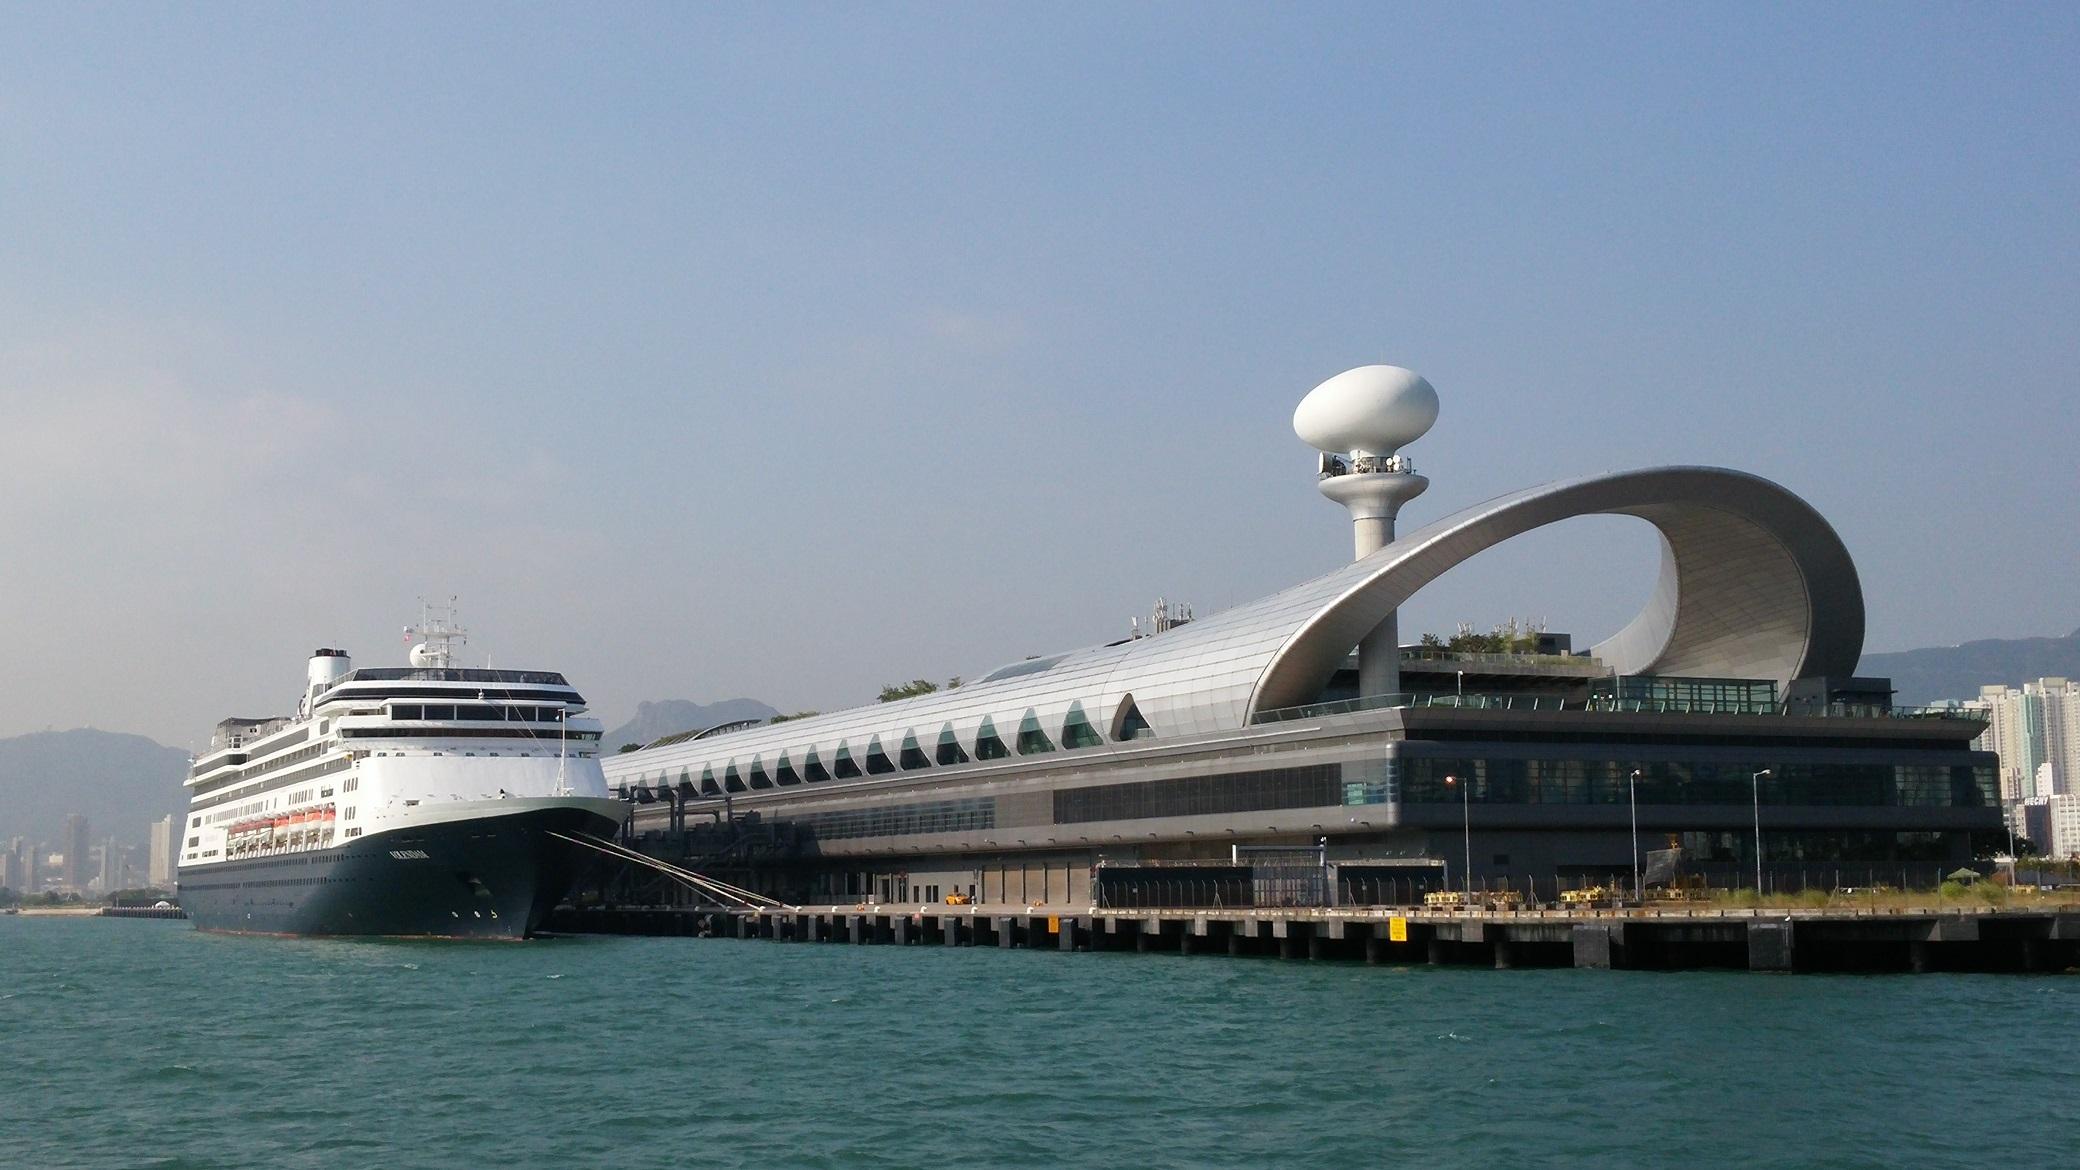 Volendam berthing at Kai Tak Cruise Terminal